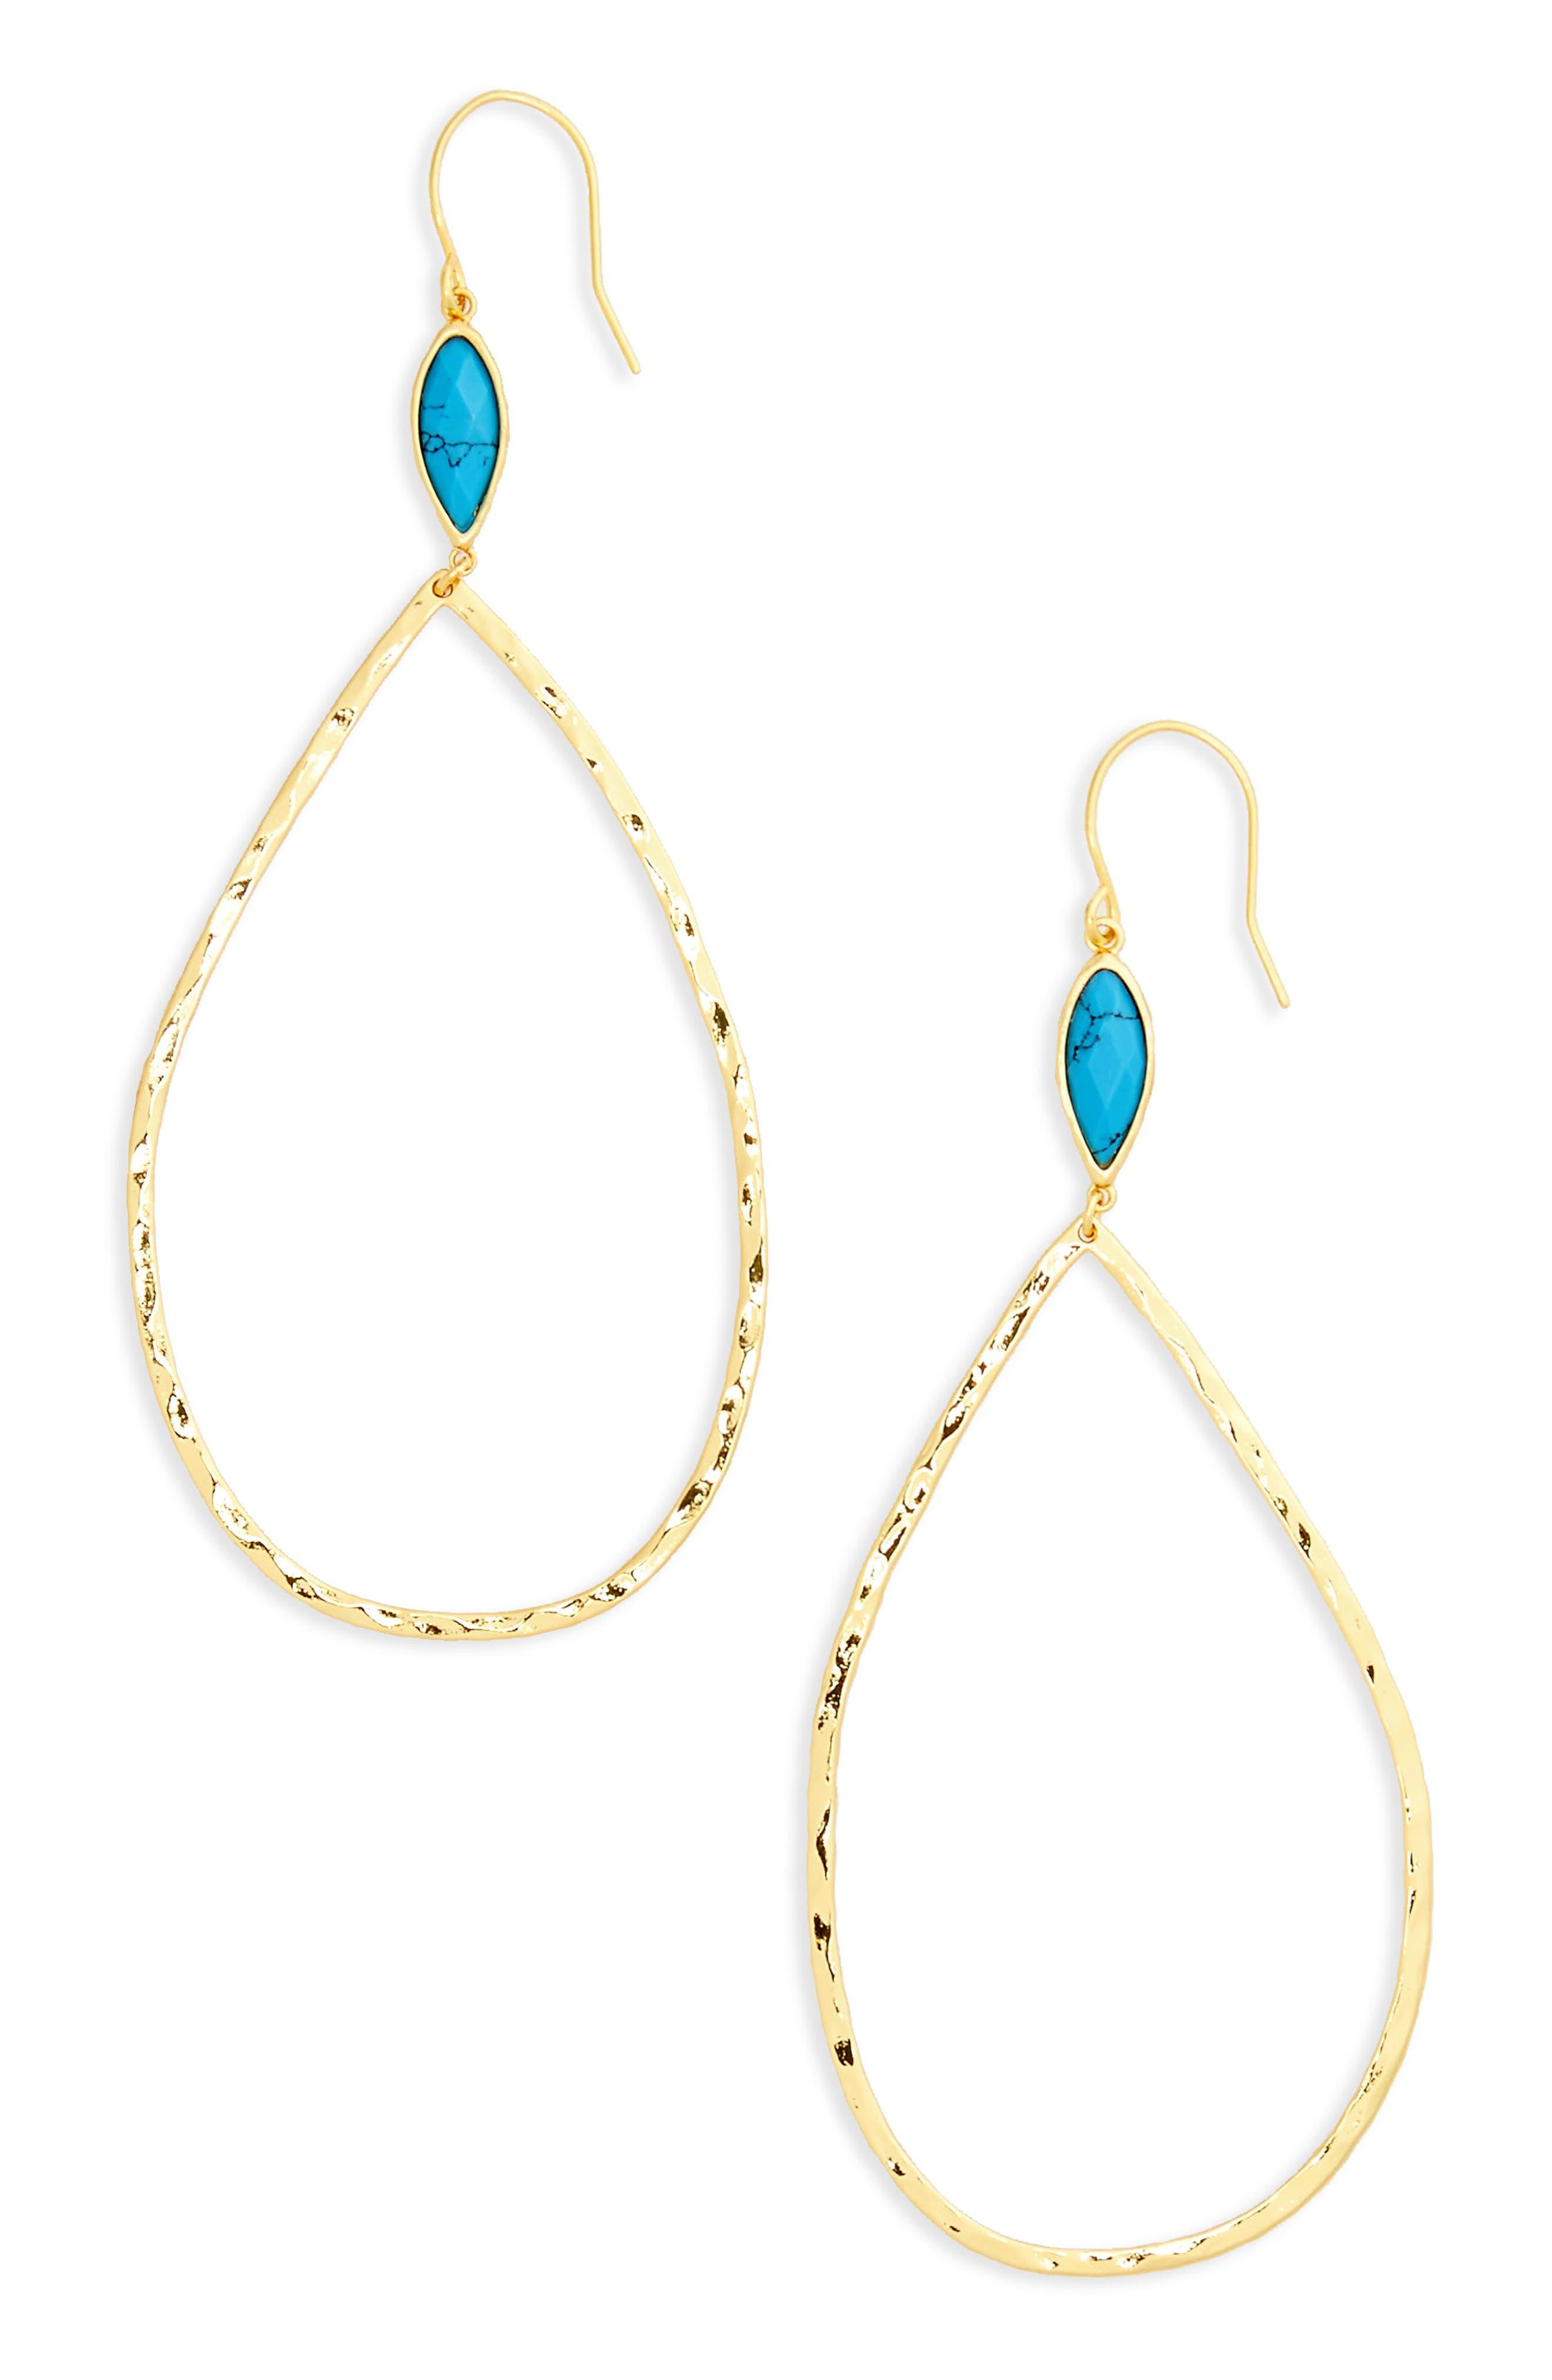 Main Image - gorjana Lola Semiprecious Stone Drop Earrings